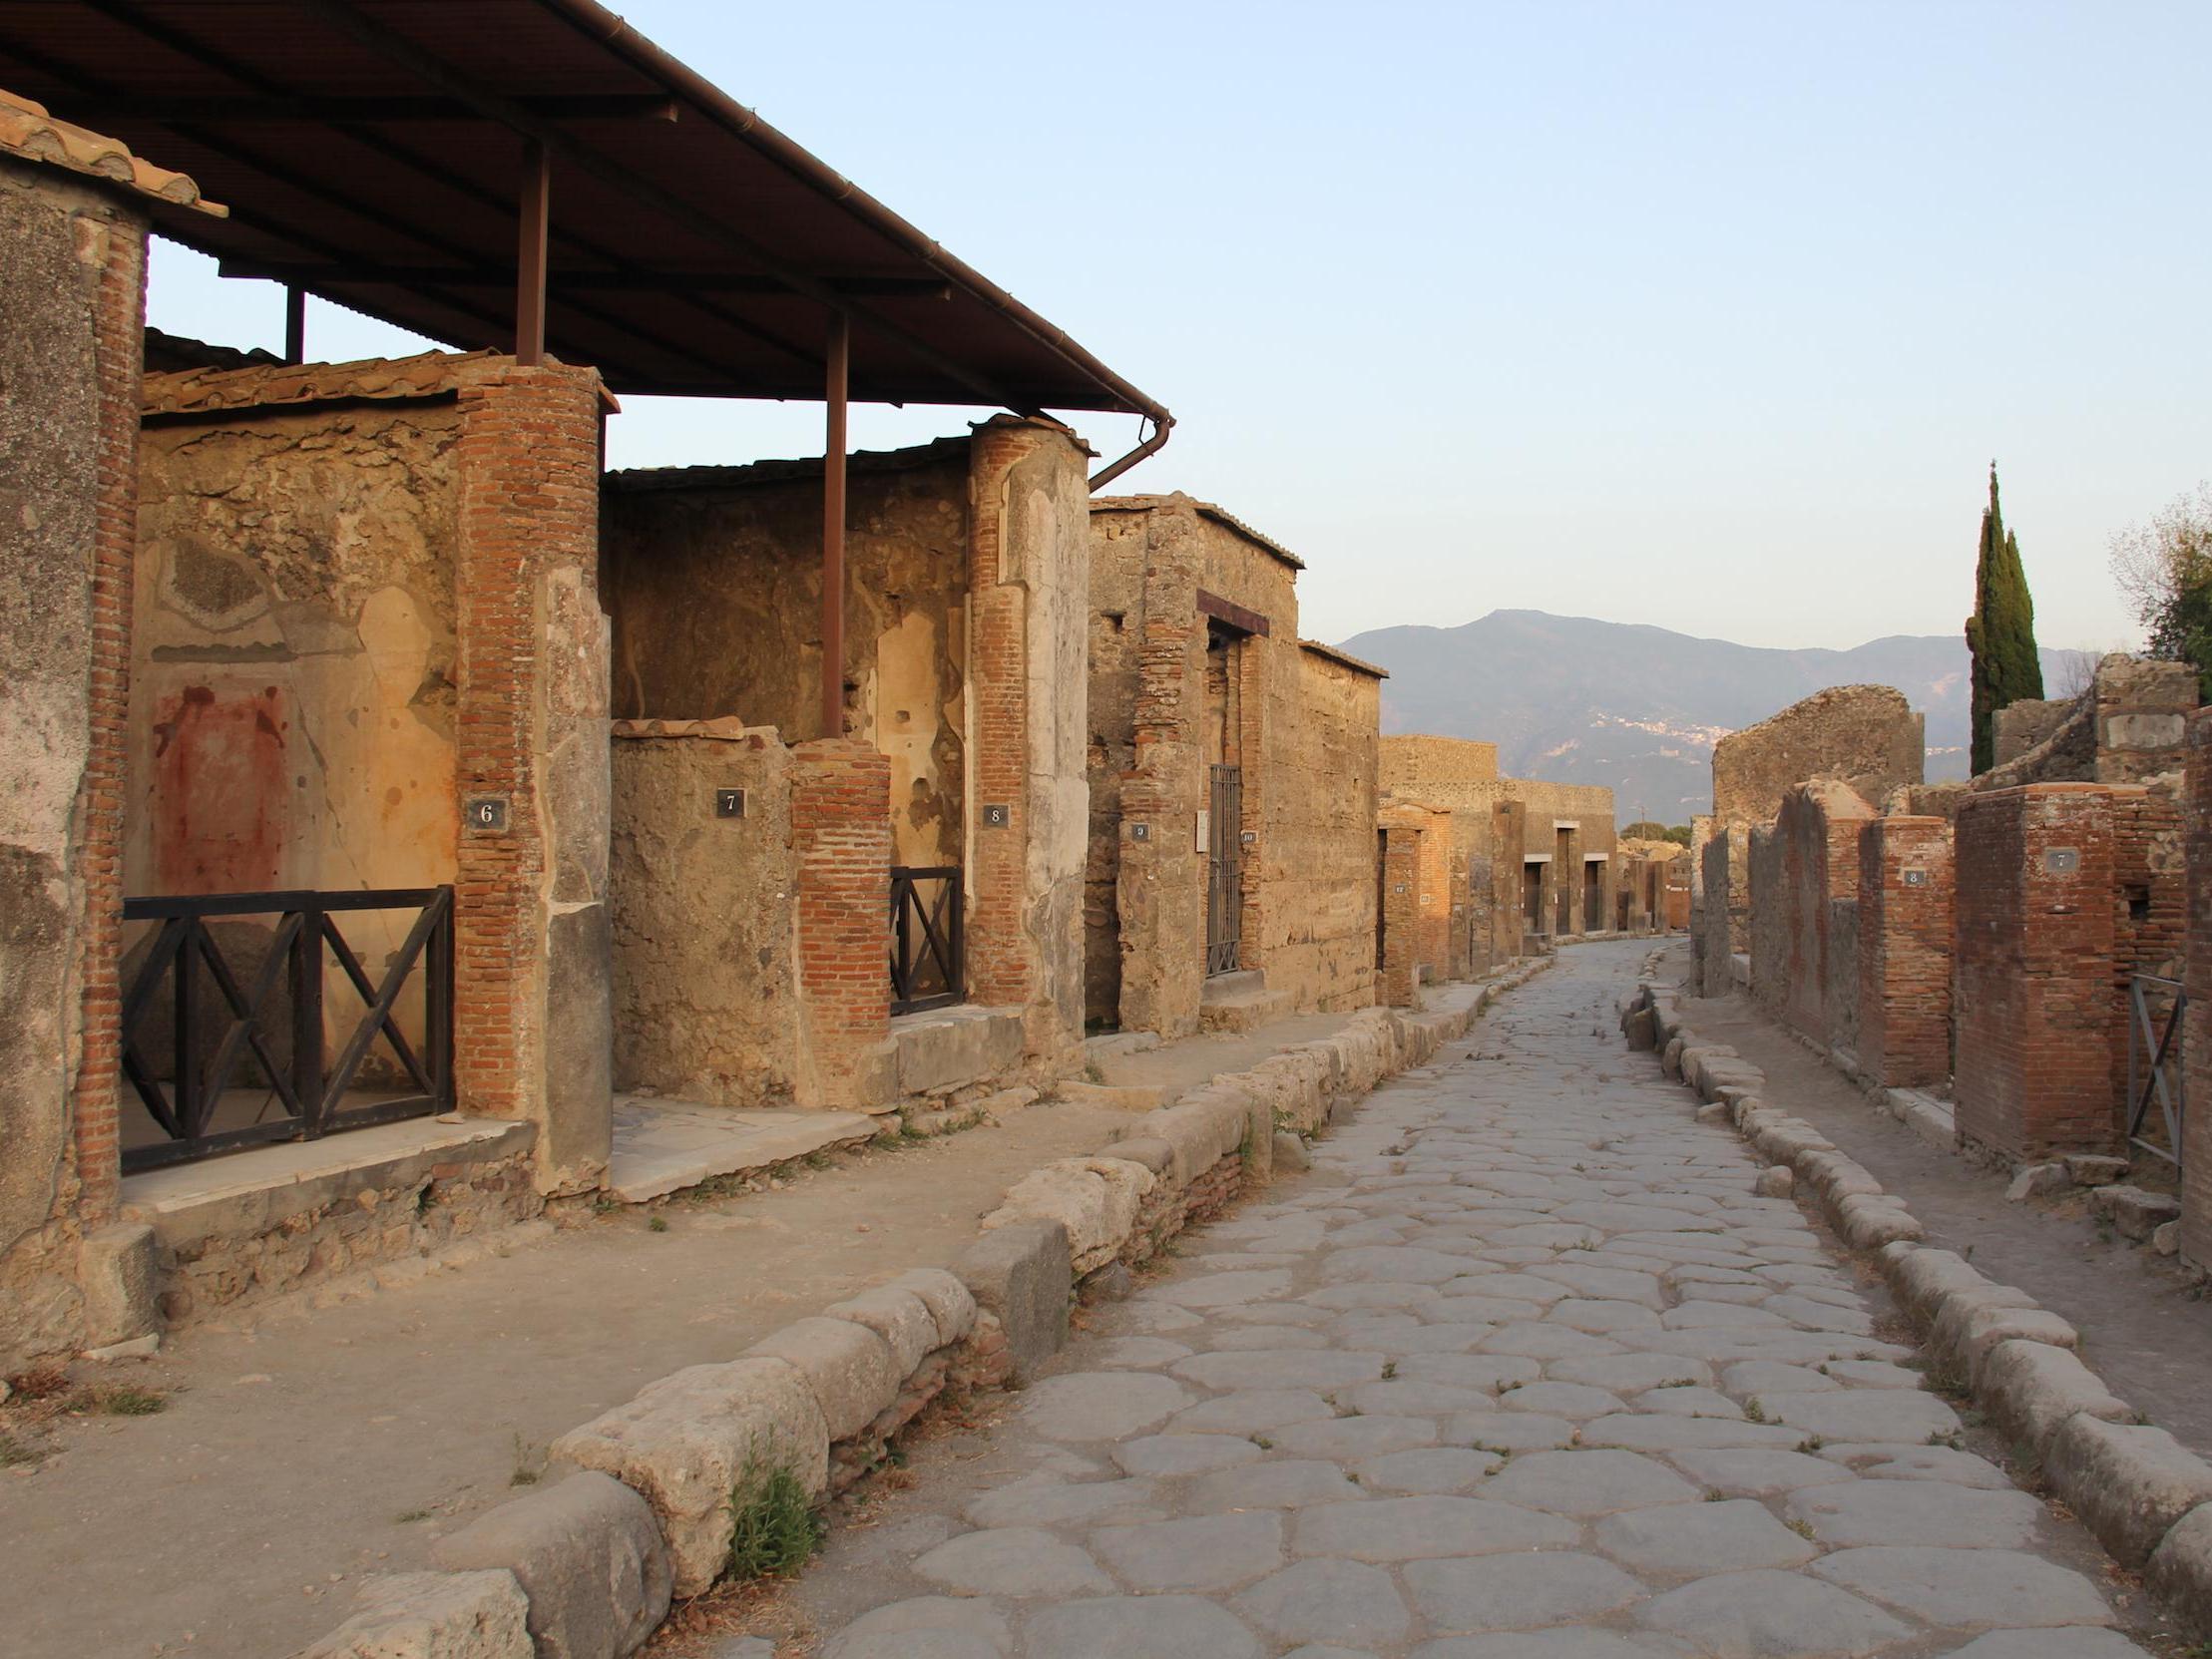 Des archéologues de l'UNIL font parler les murs de Pompéi